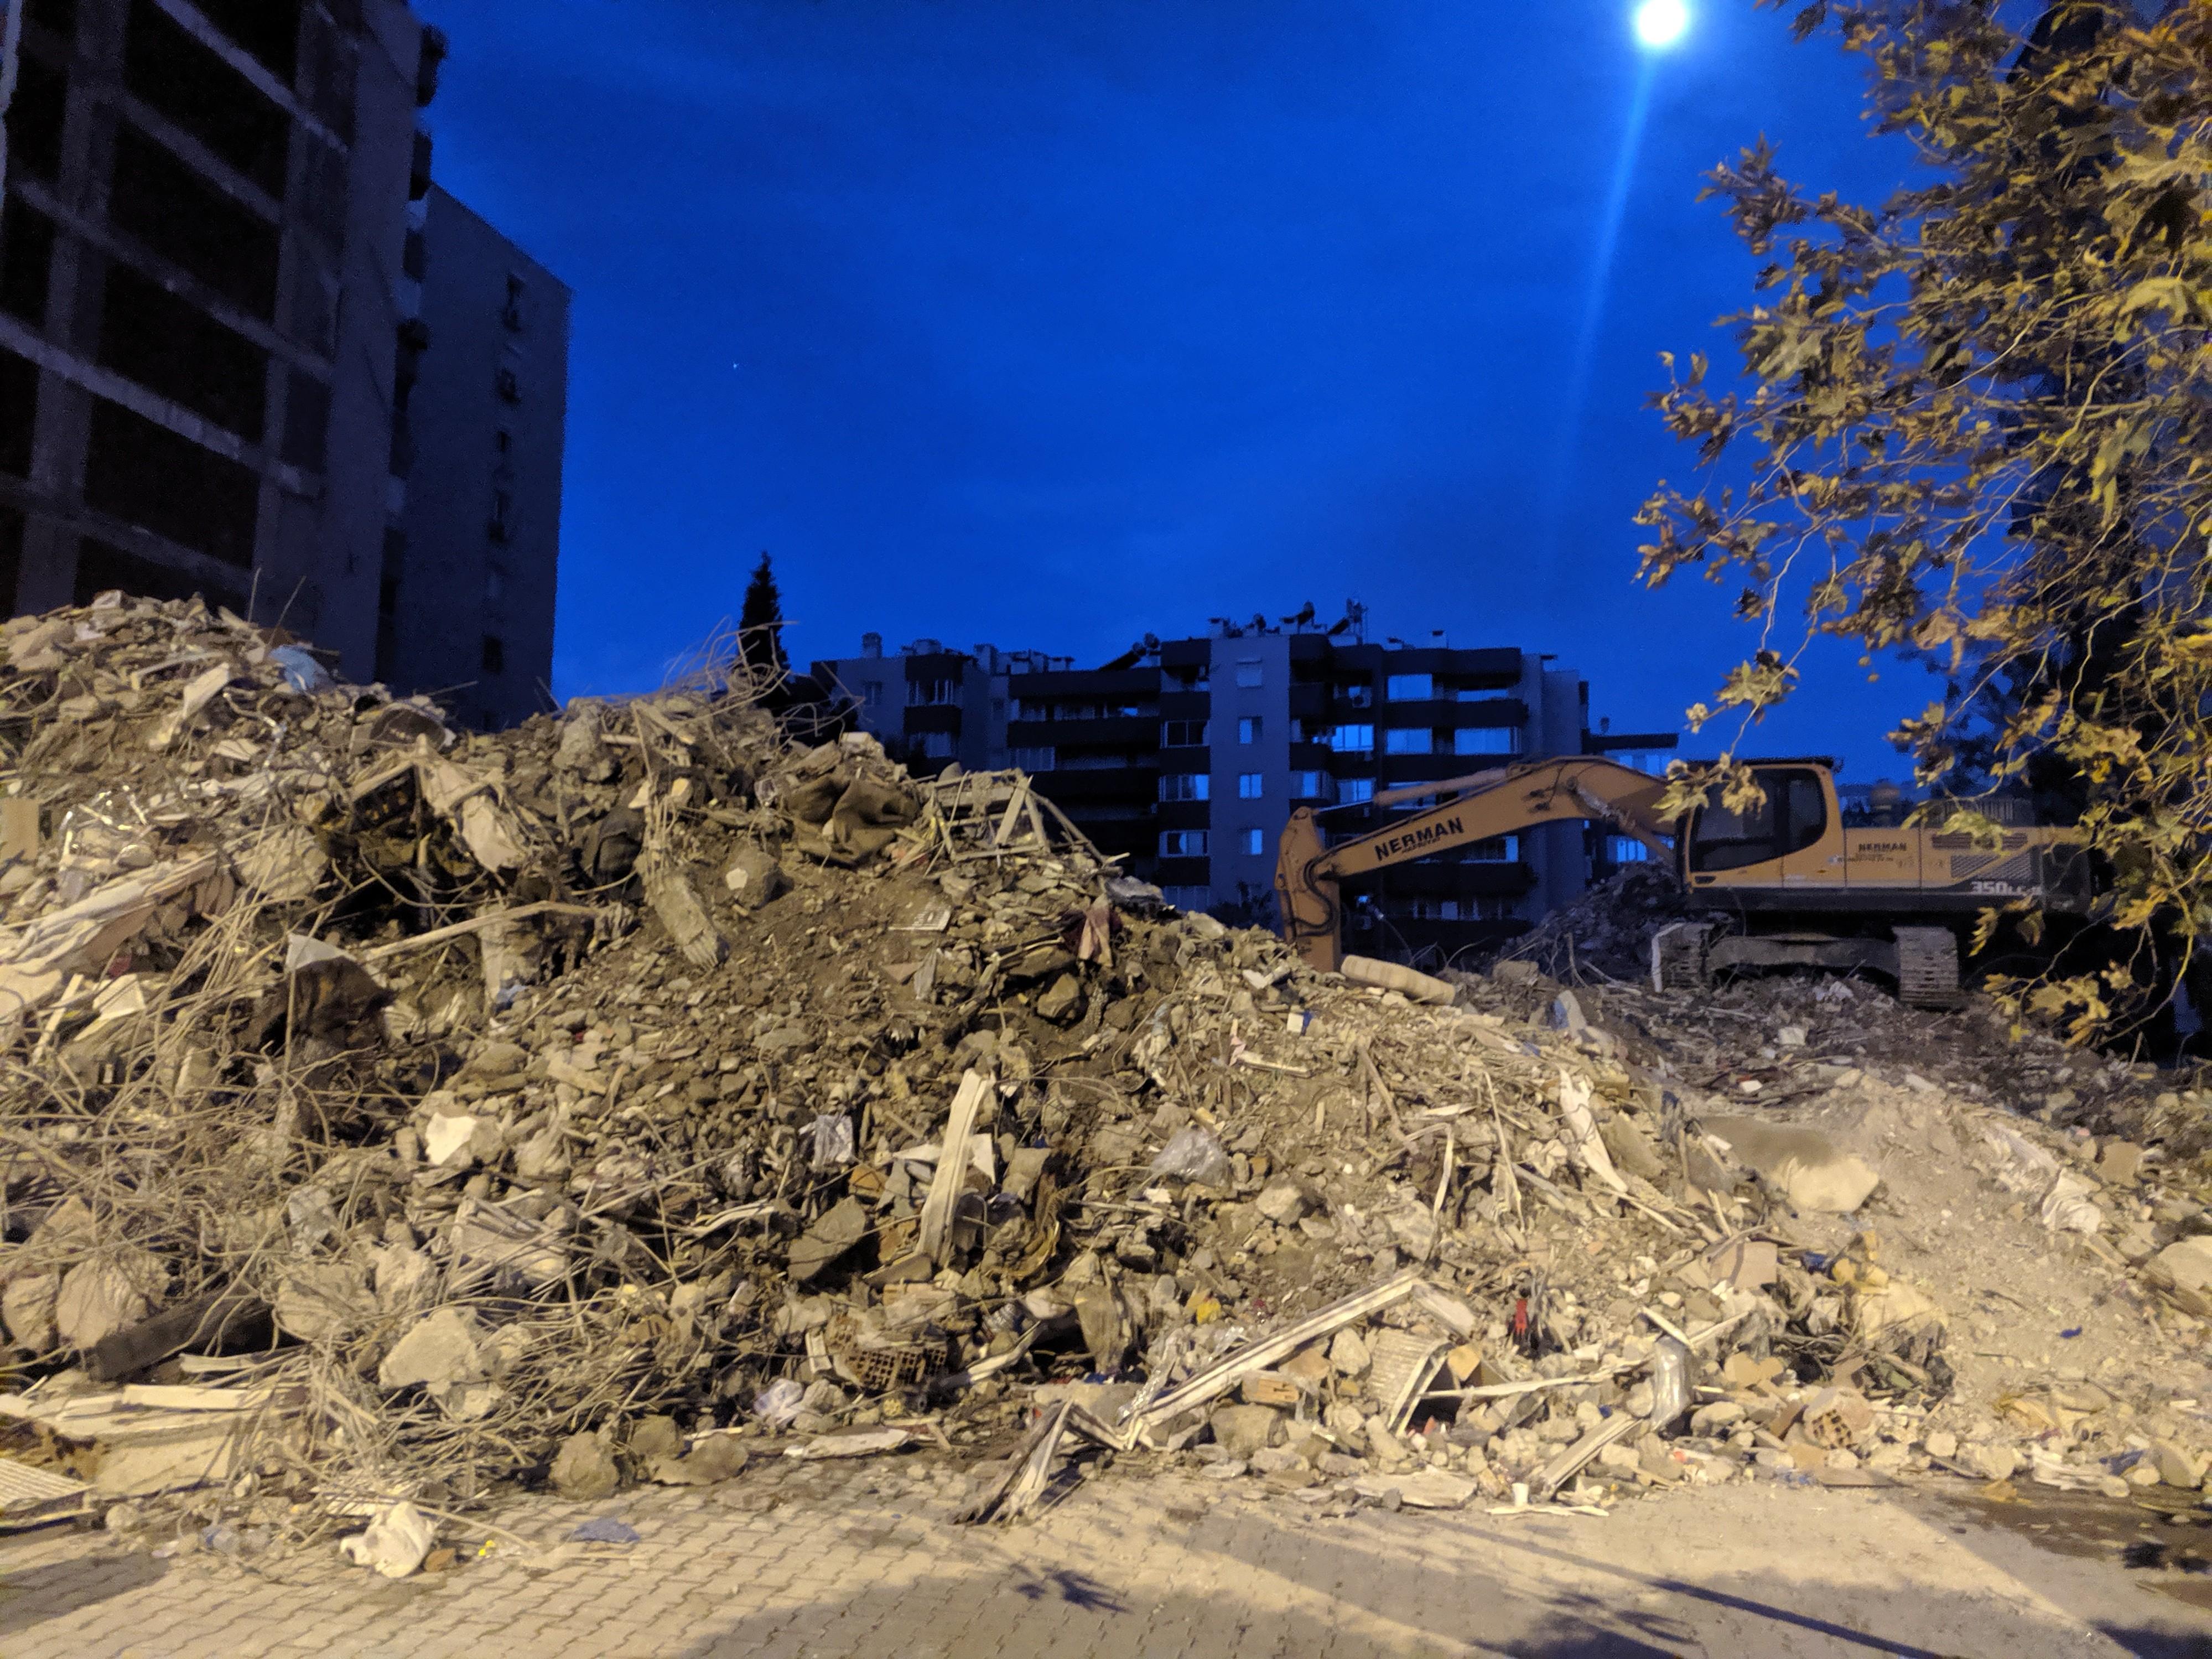 İzmir'deki Yılmaz Erbek apartmanından kahreden haber: 7 kişinin cansız bedeni çıkarıldı